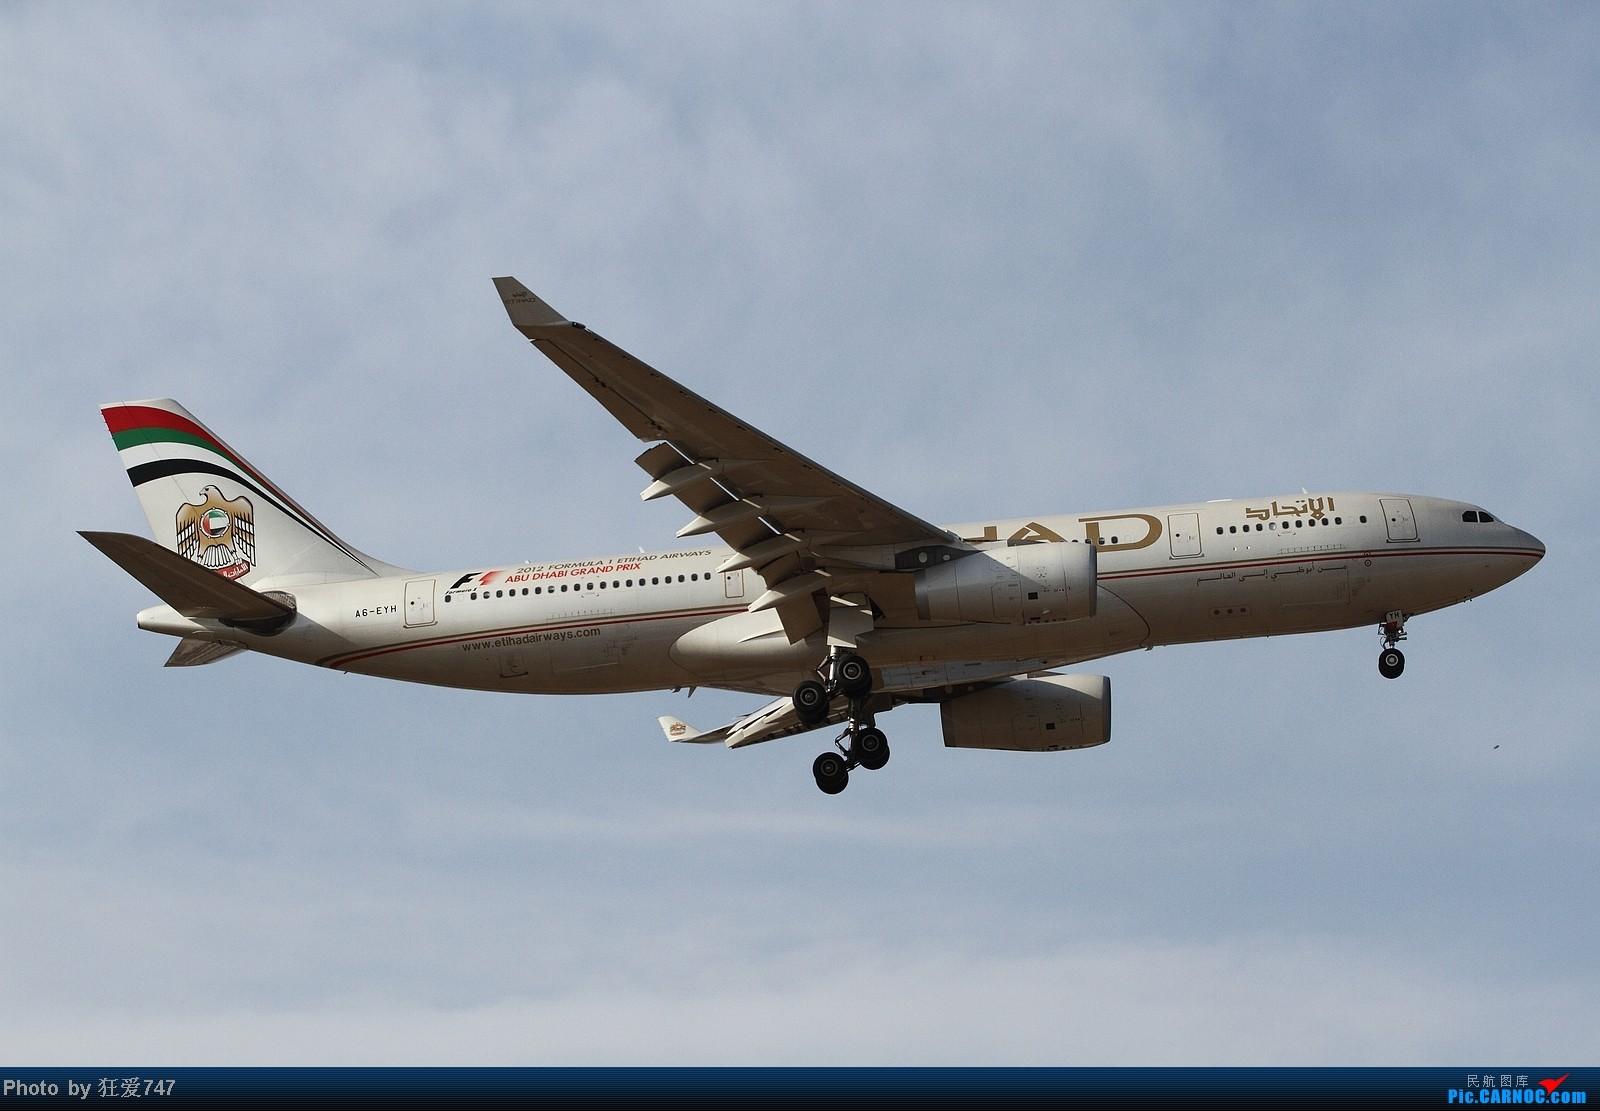 [原创]今天守候01带来的收获 AIRBUS A330-200 A6-EYH 中国北京首都机场